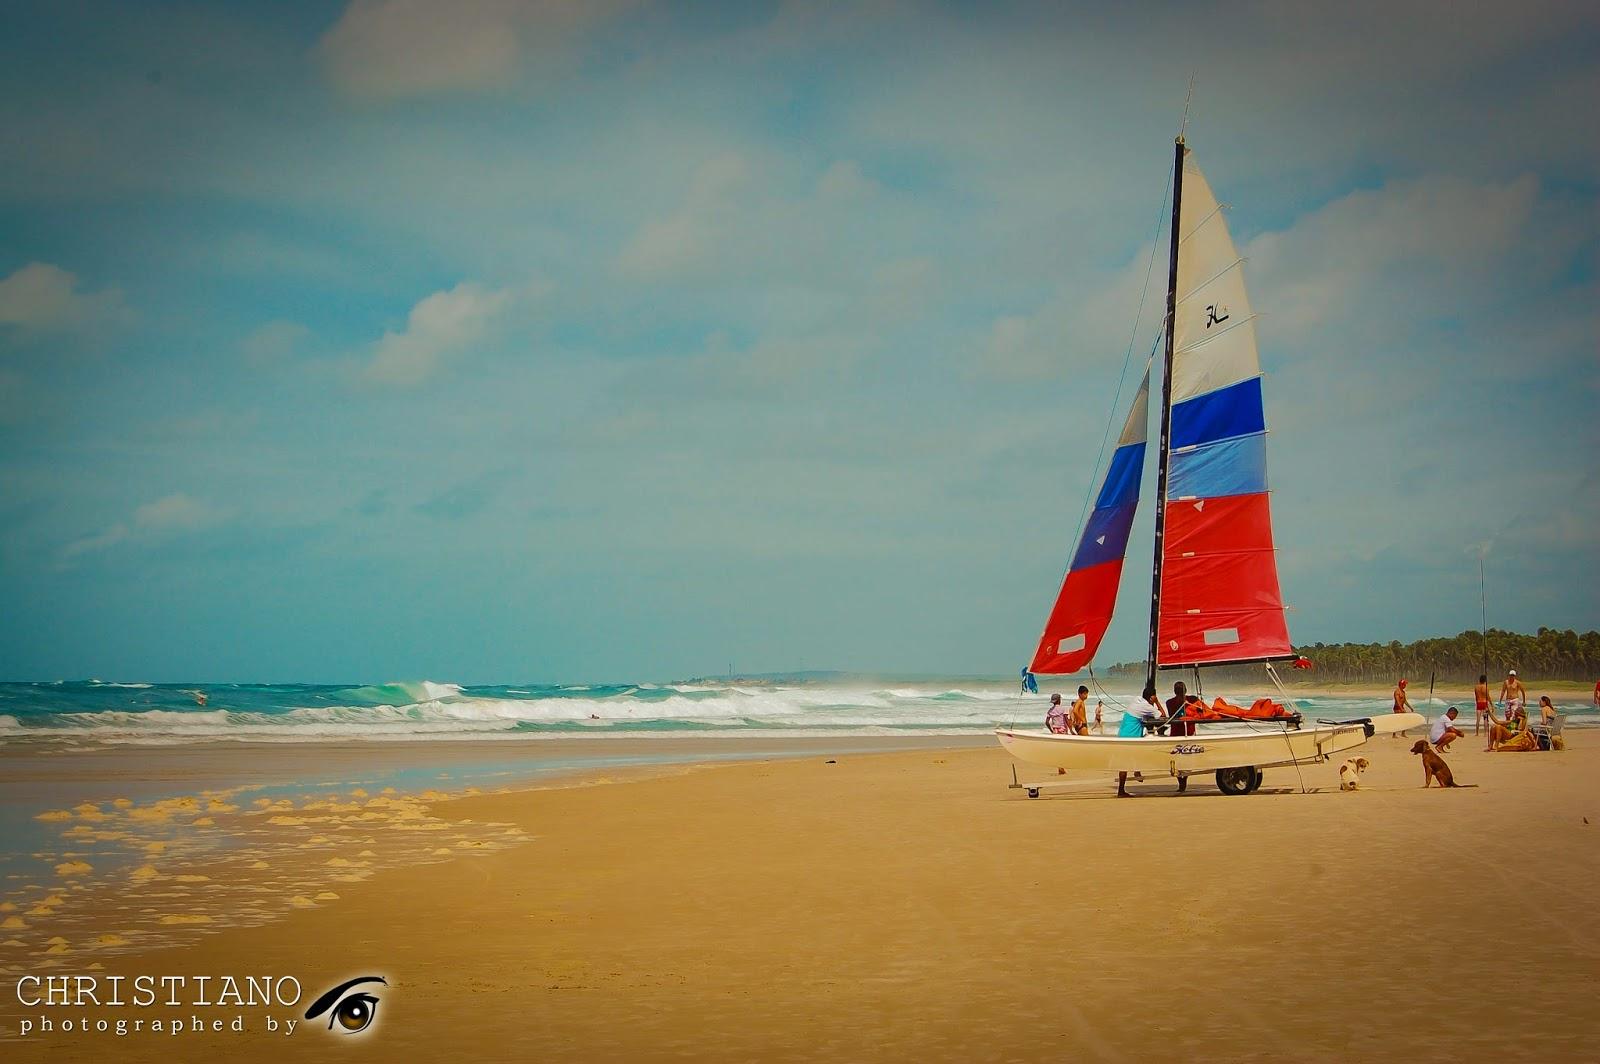 Barco a Vela - Praia do Francês - Maceió - Alagoas